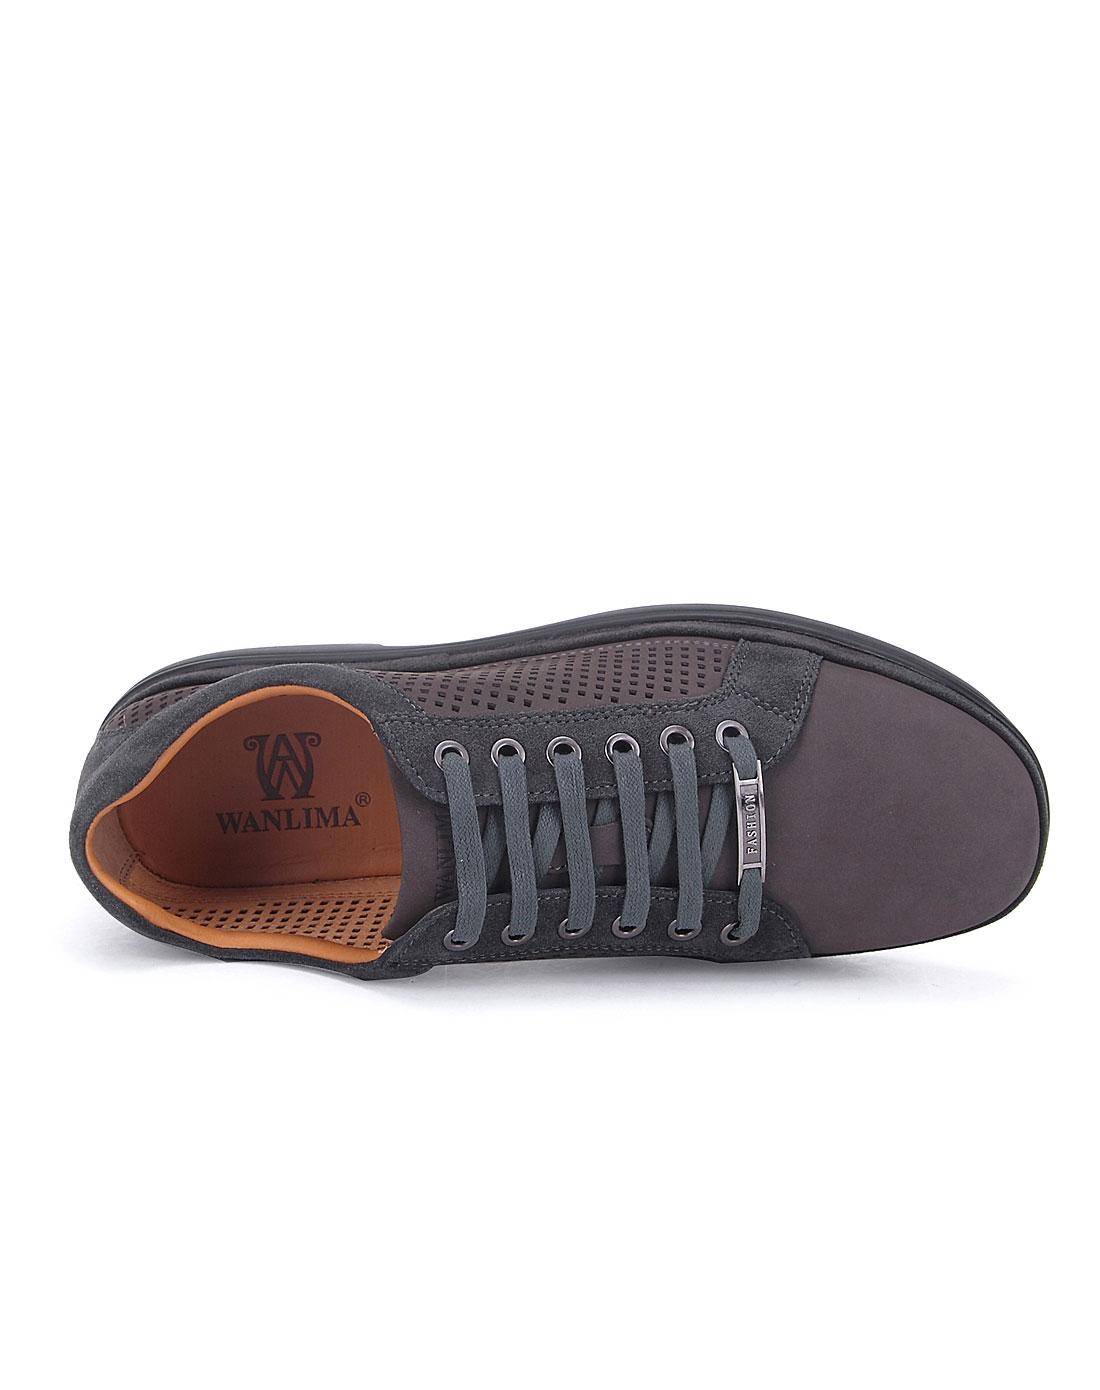 万里马wanlima男女鞋男款灰色休闲舒适单鞋12224006